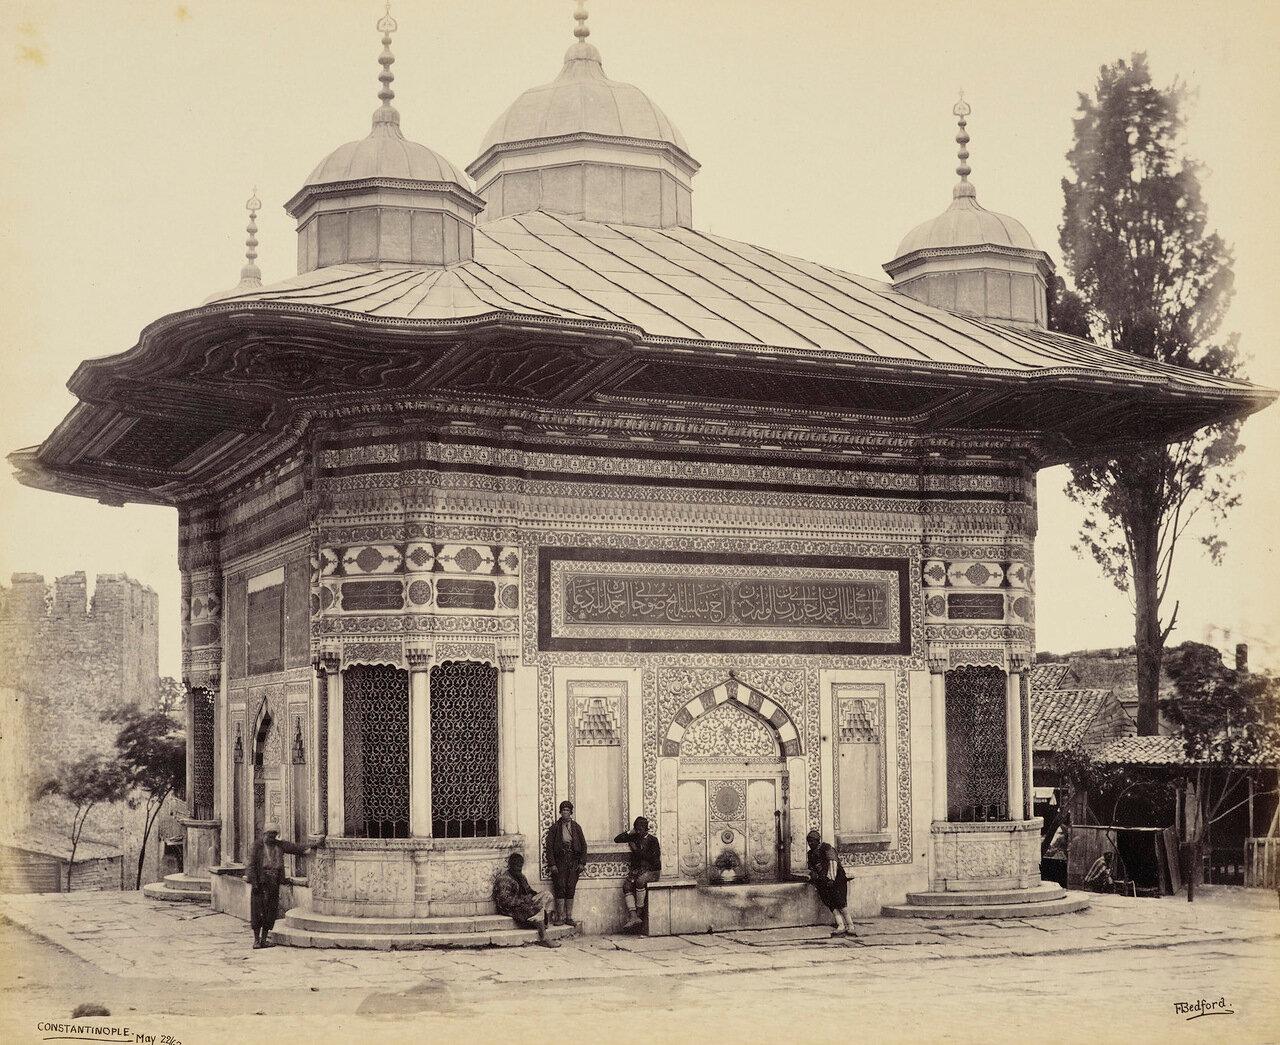 22 мая 1862. Фонтан султана Селима. Константинополь